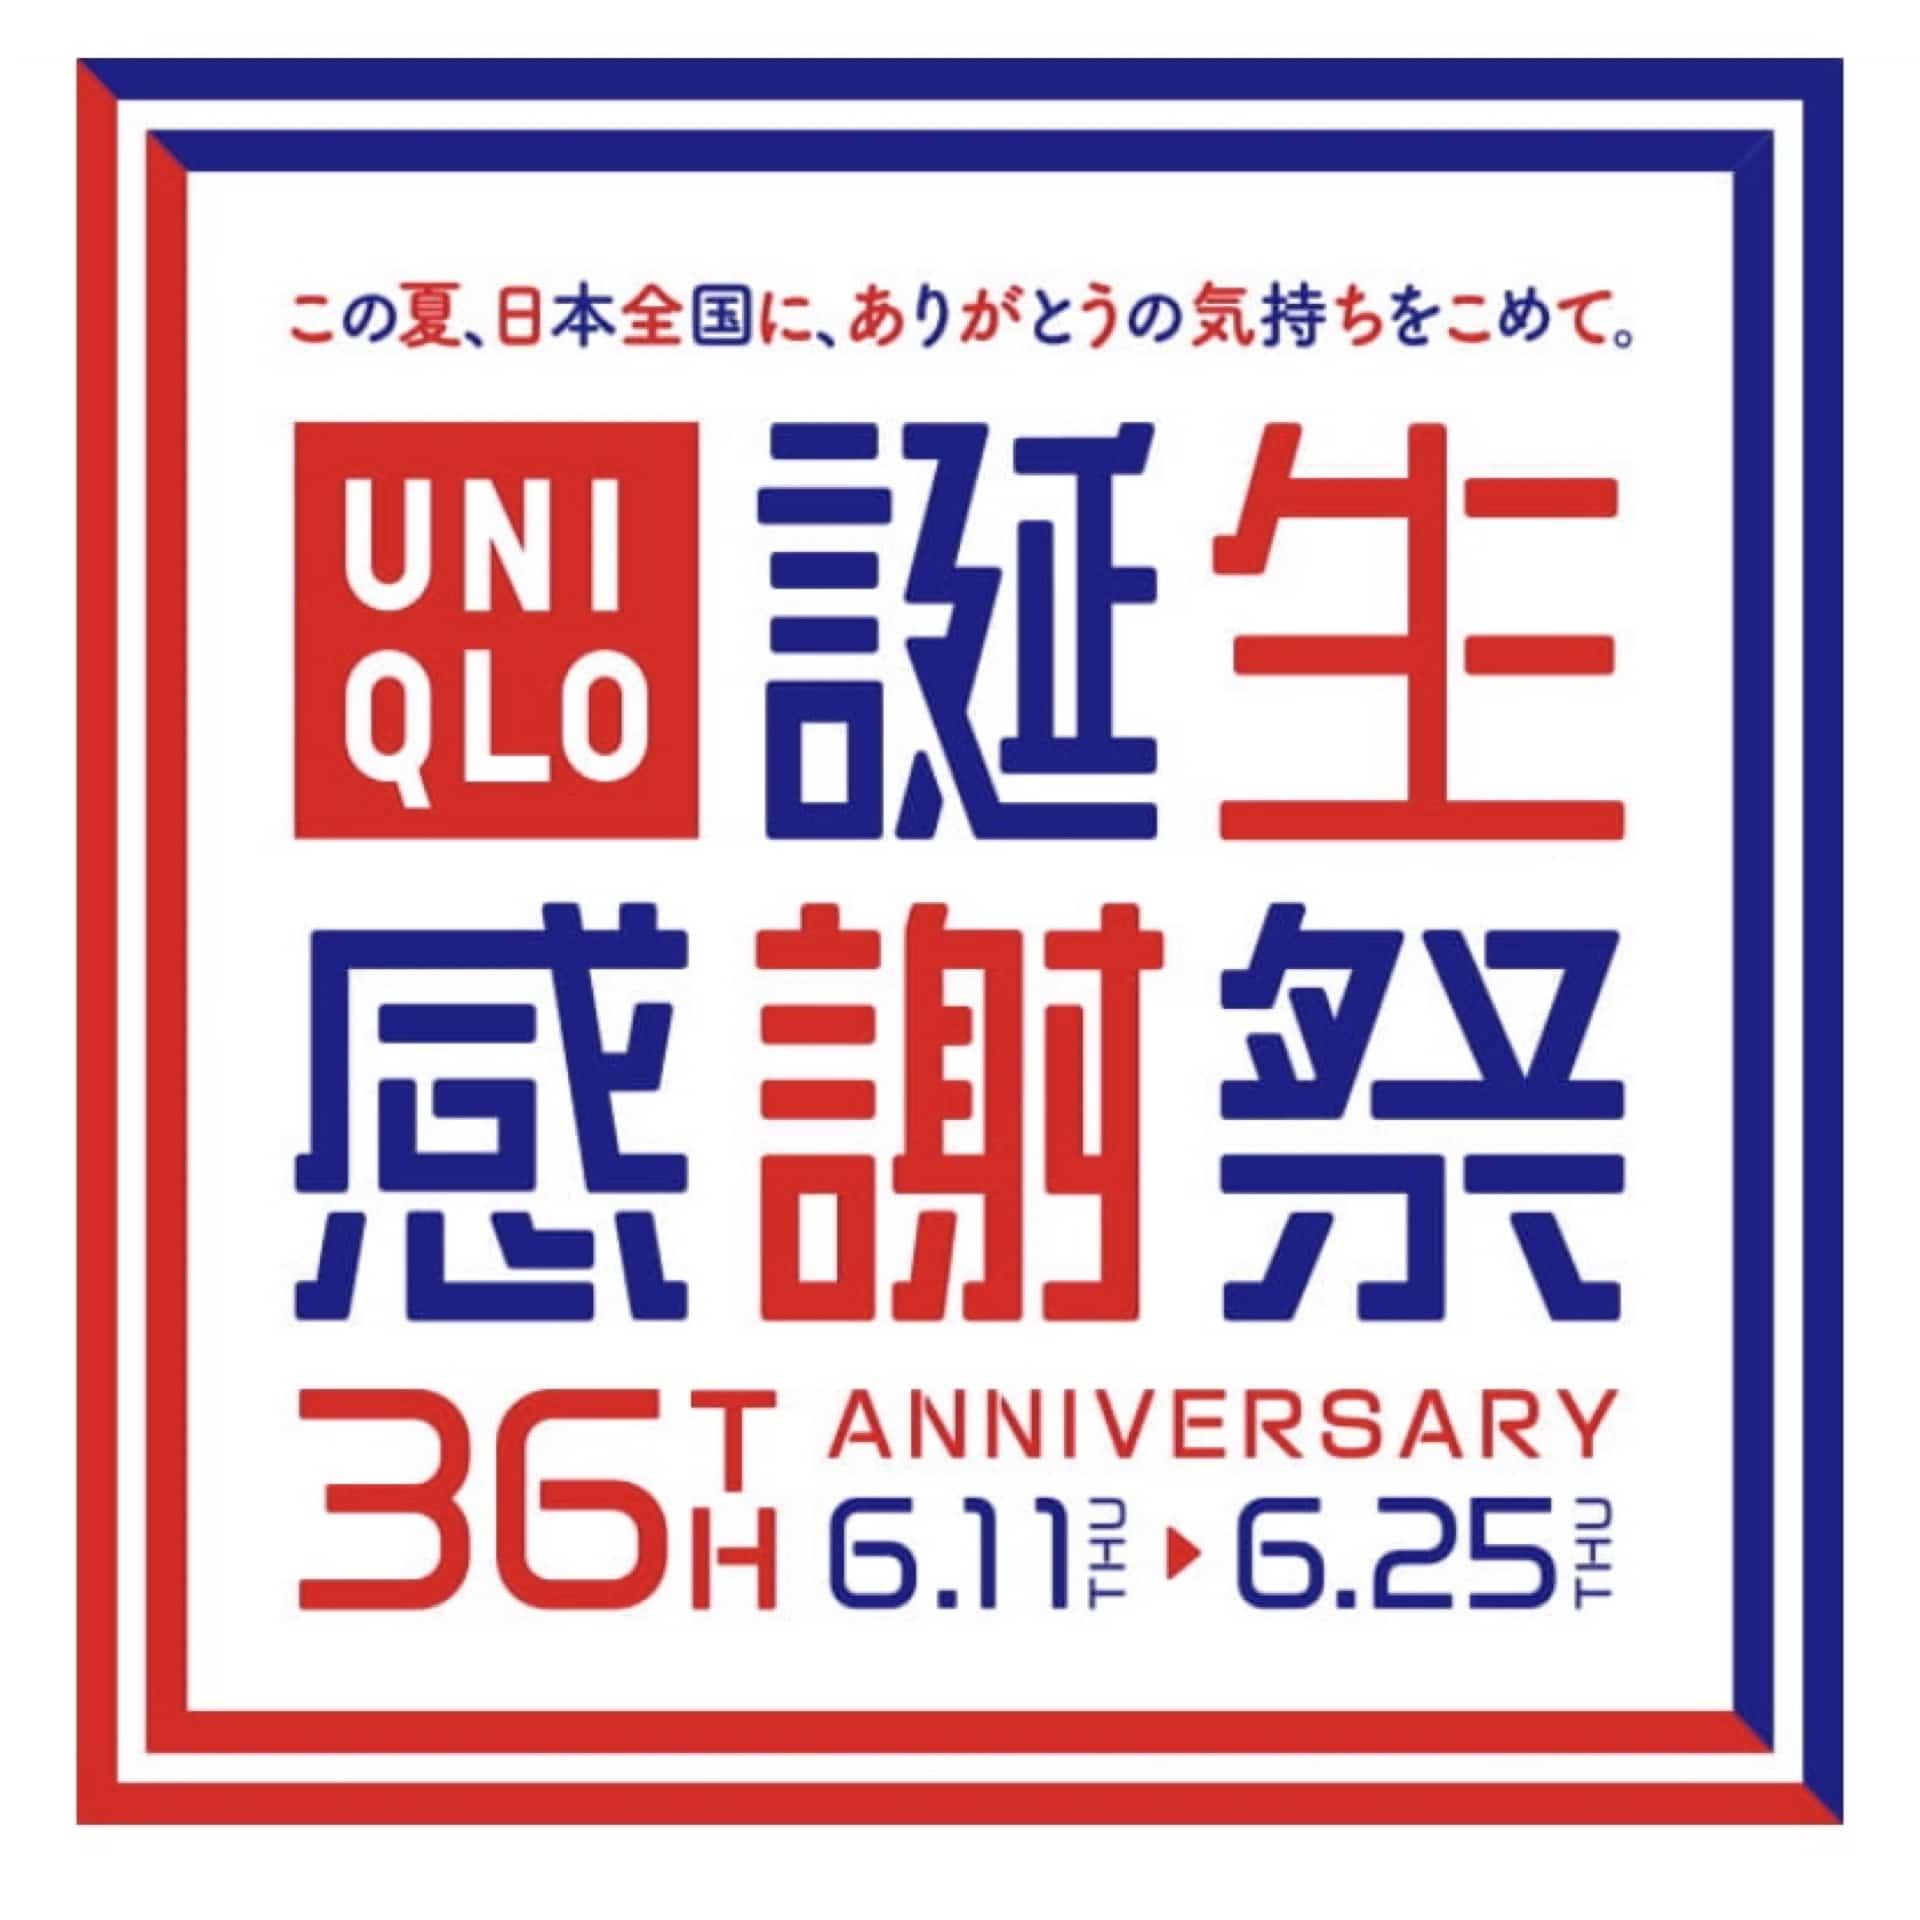 誕生 2020 ユニクロ 感謝 祭